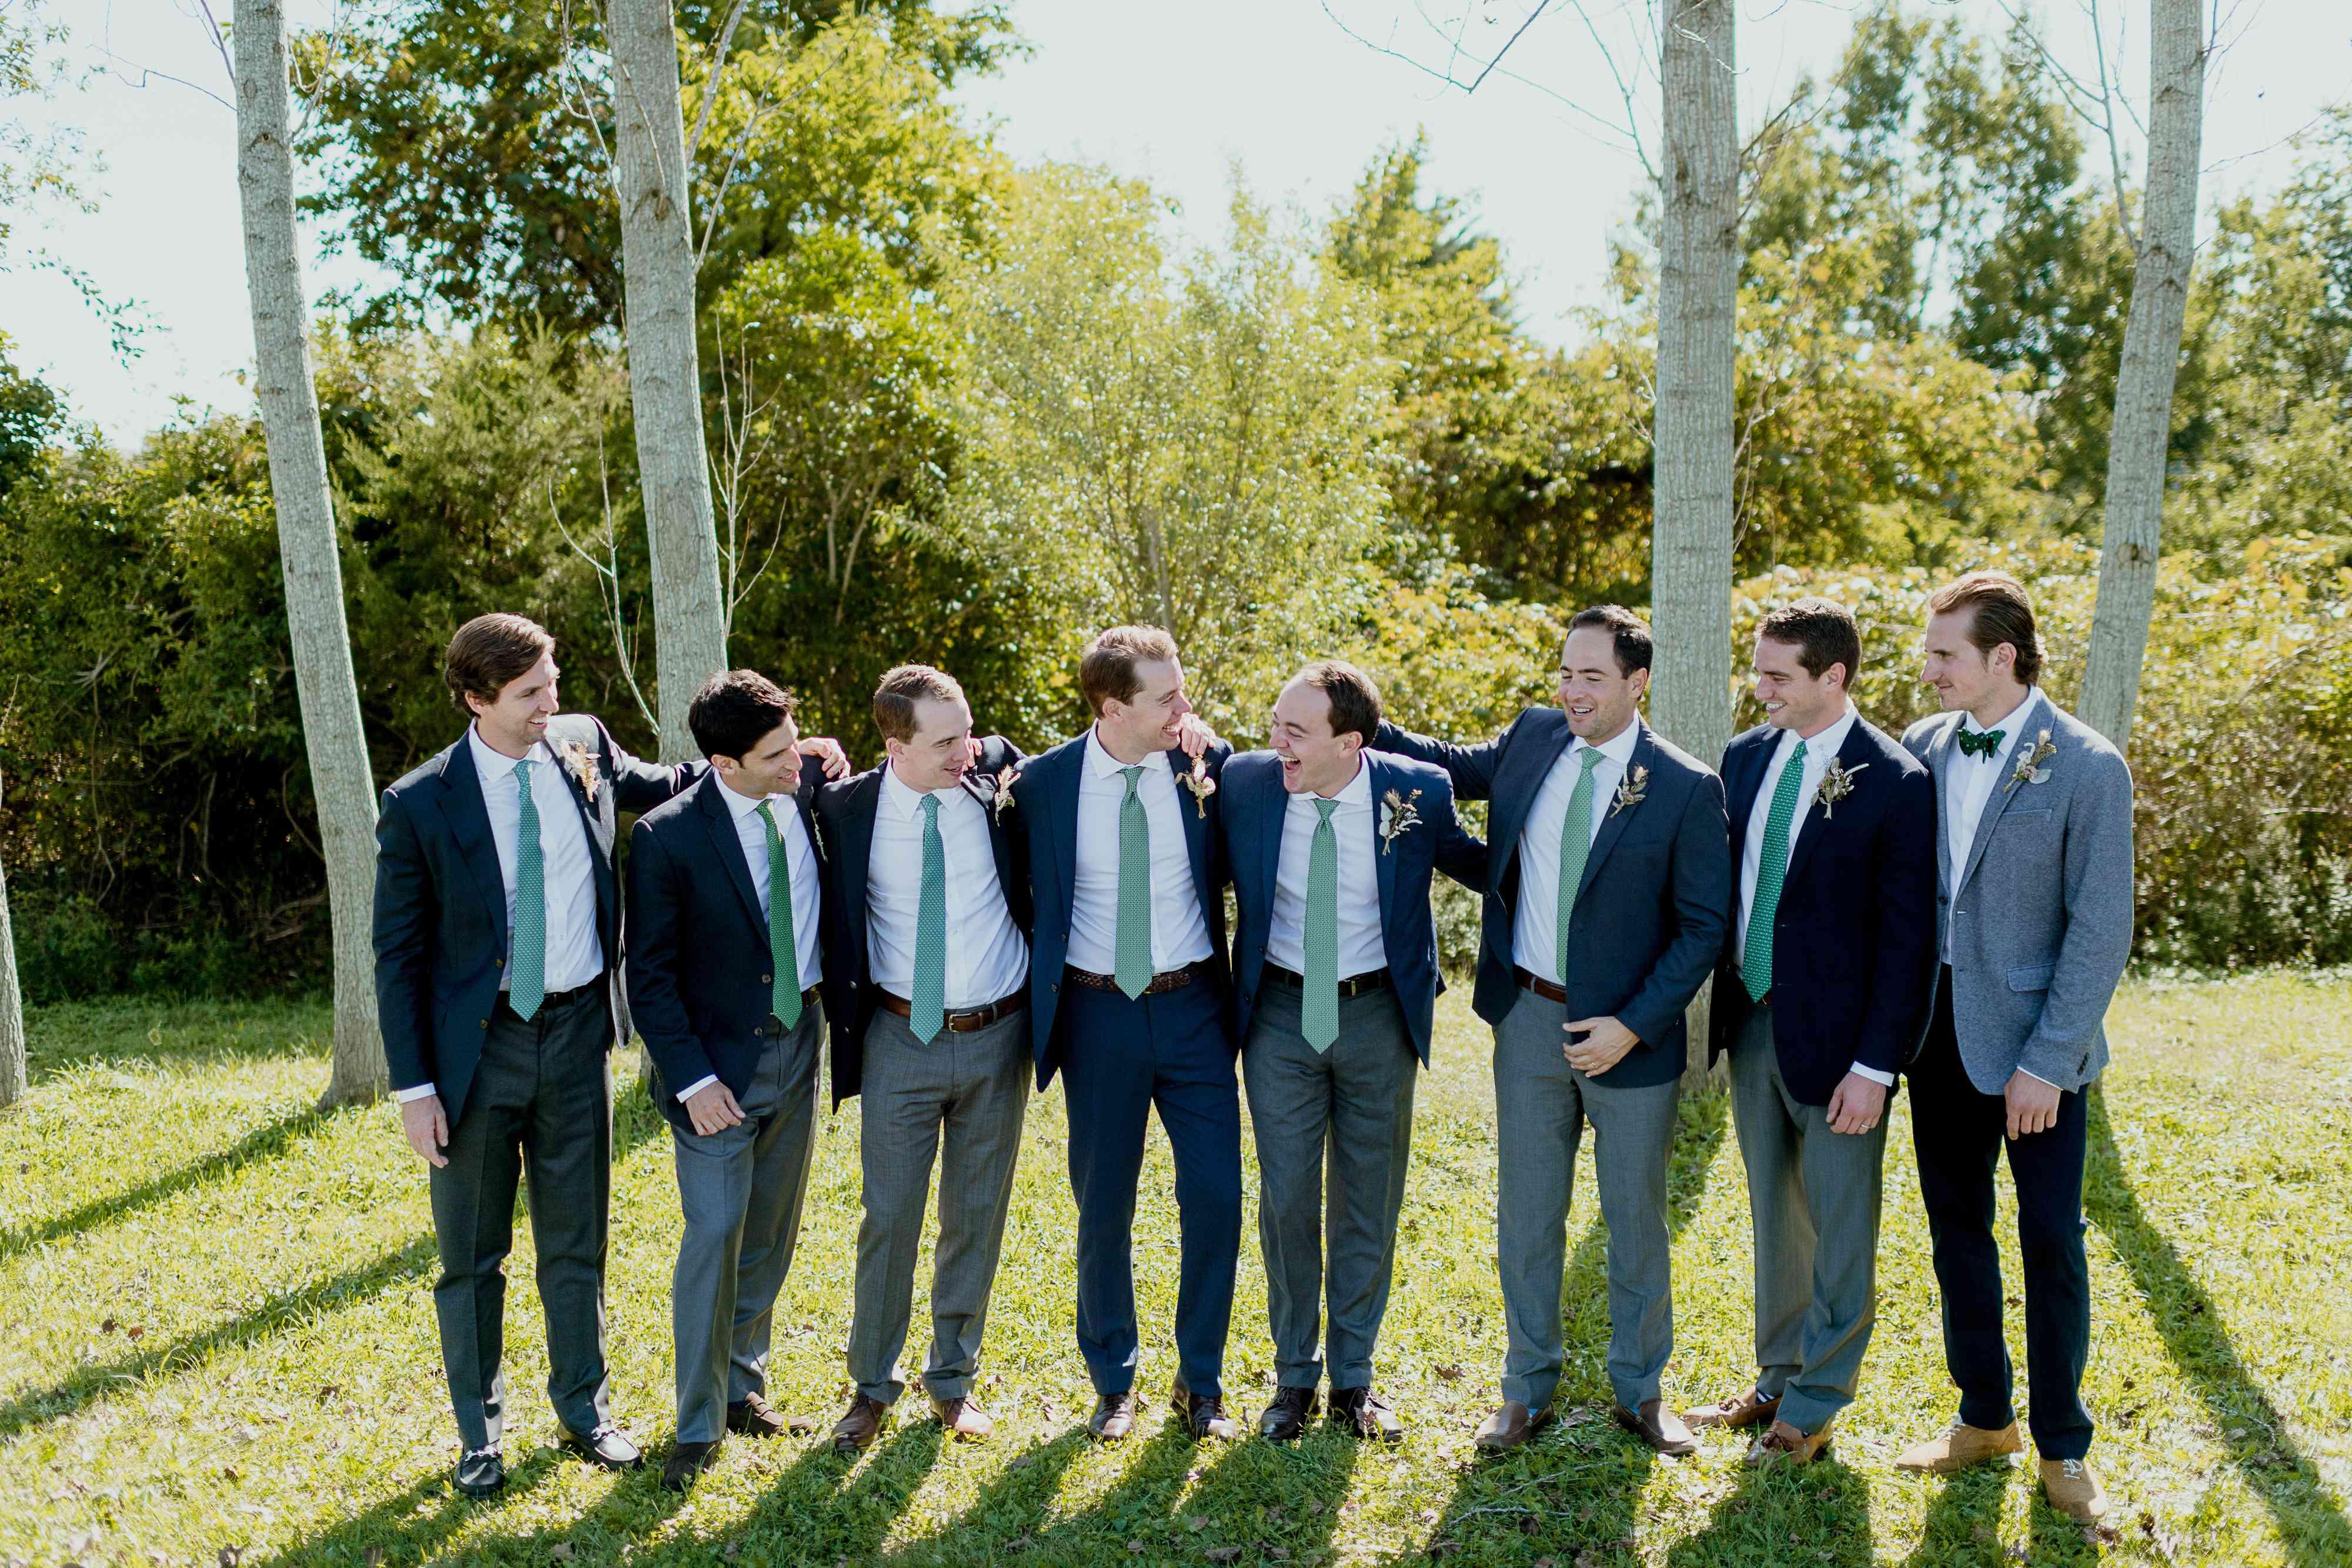 groomsmen in navy blazers